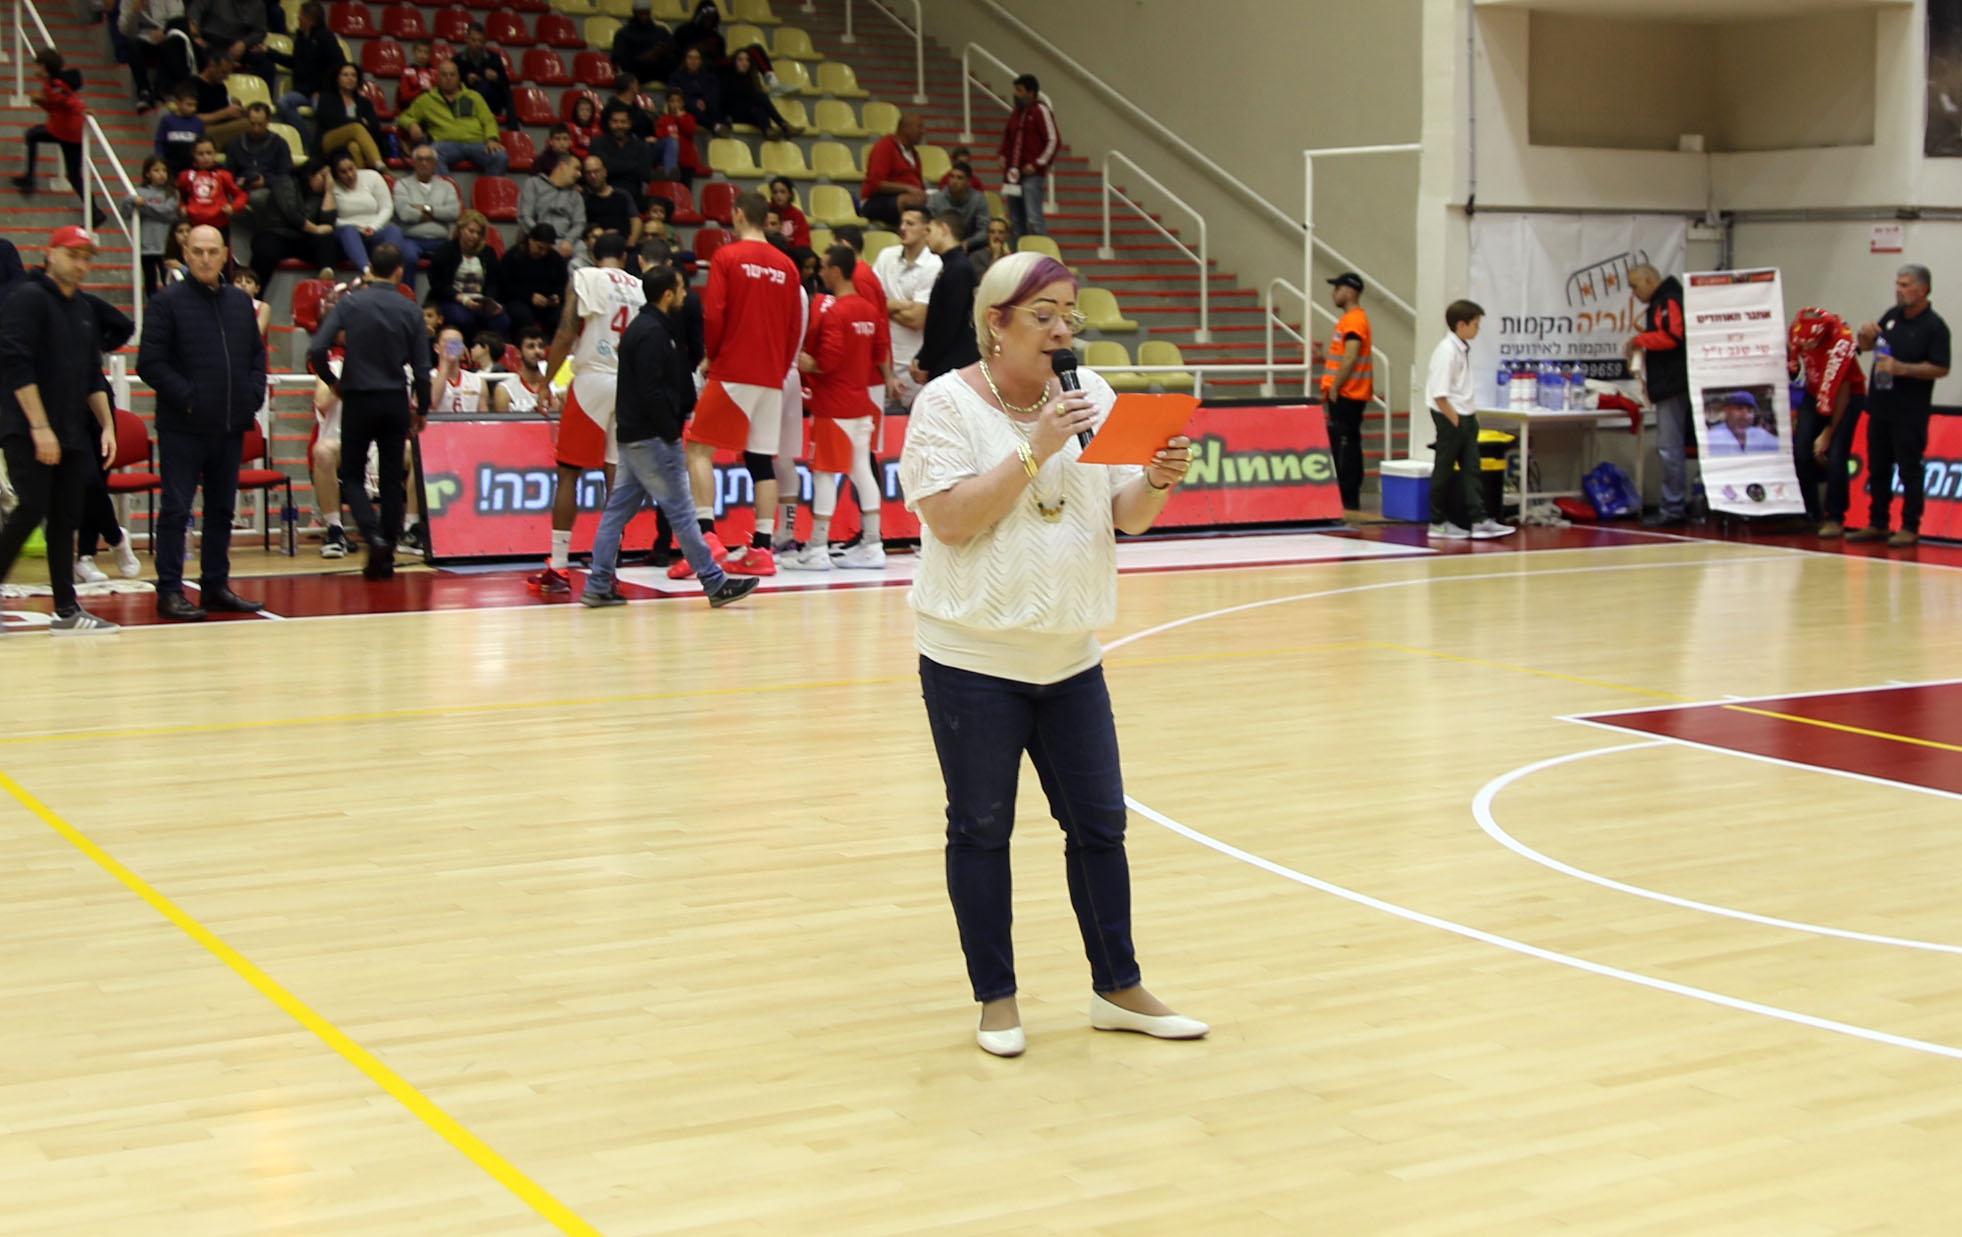 ספורט, קהילה, ערכים,  ואהבה גדולה באדום: אסתרק'ה ראובן מסכמת את העונה